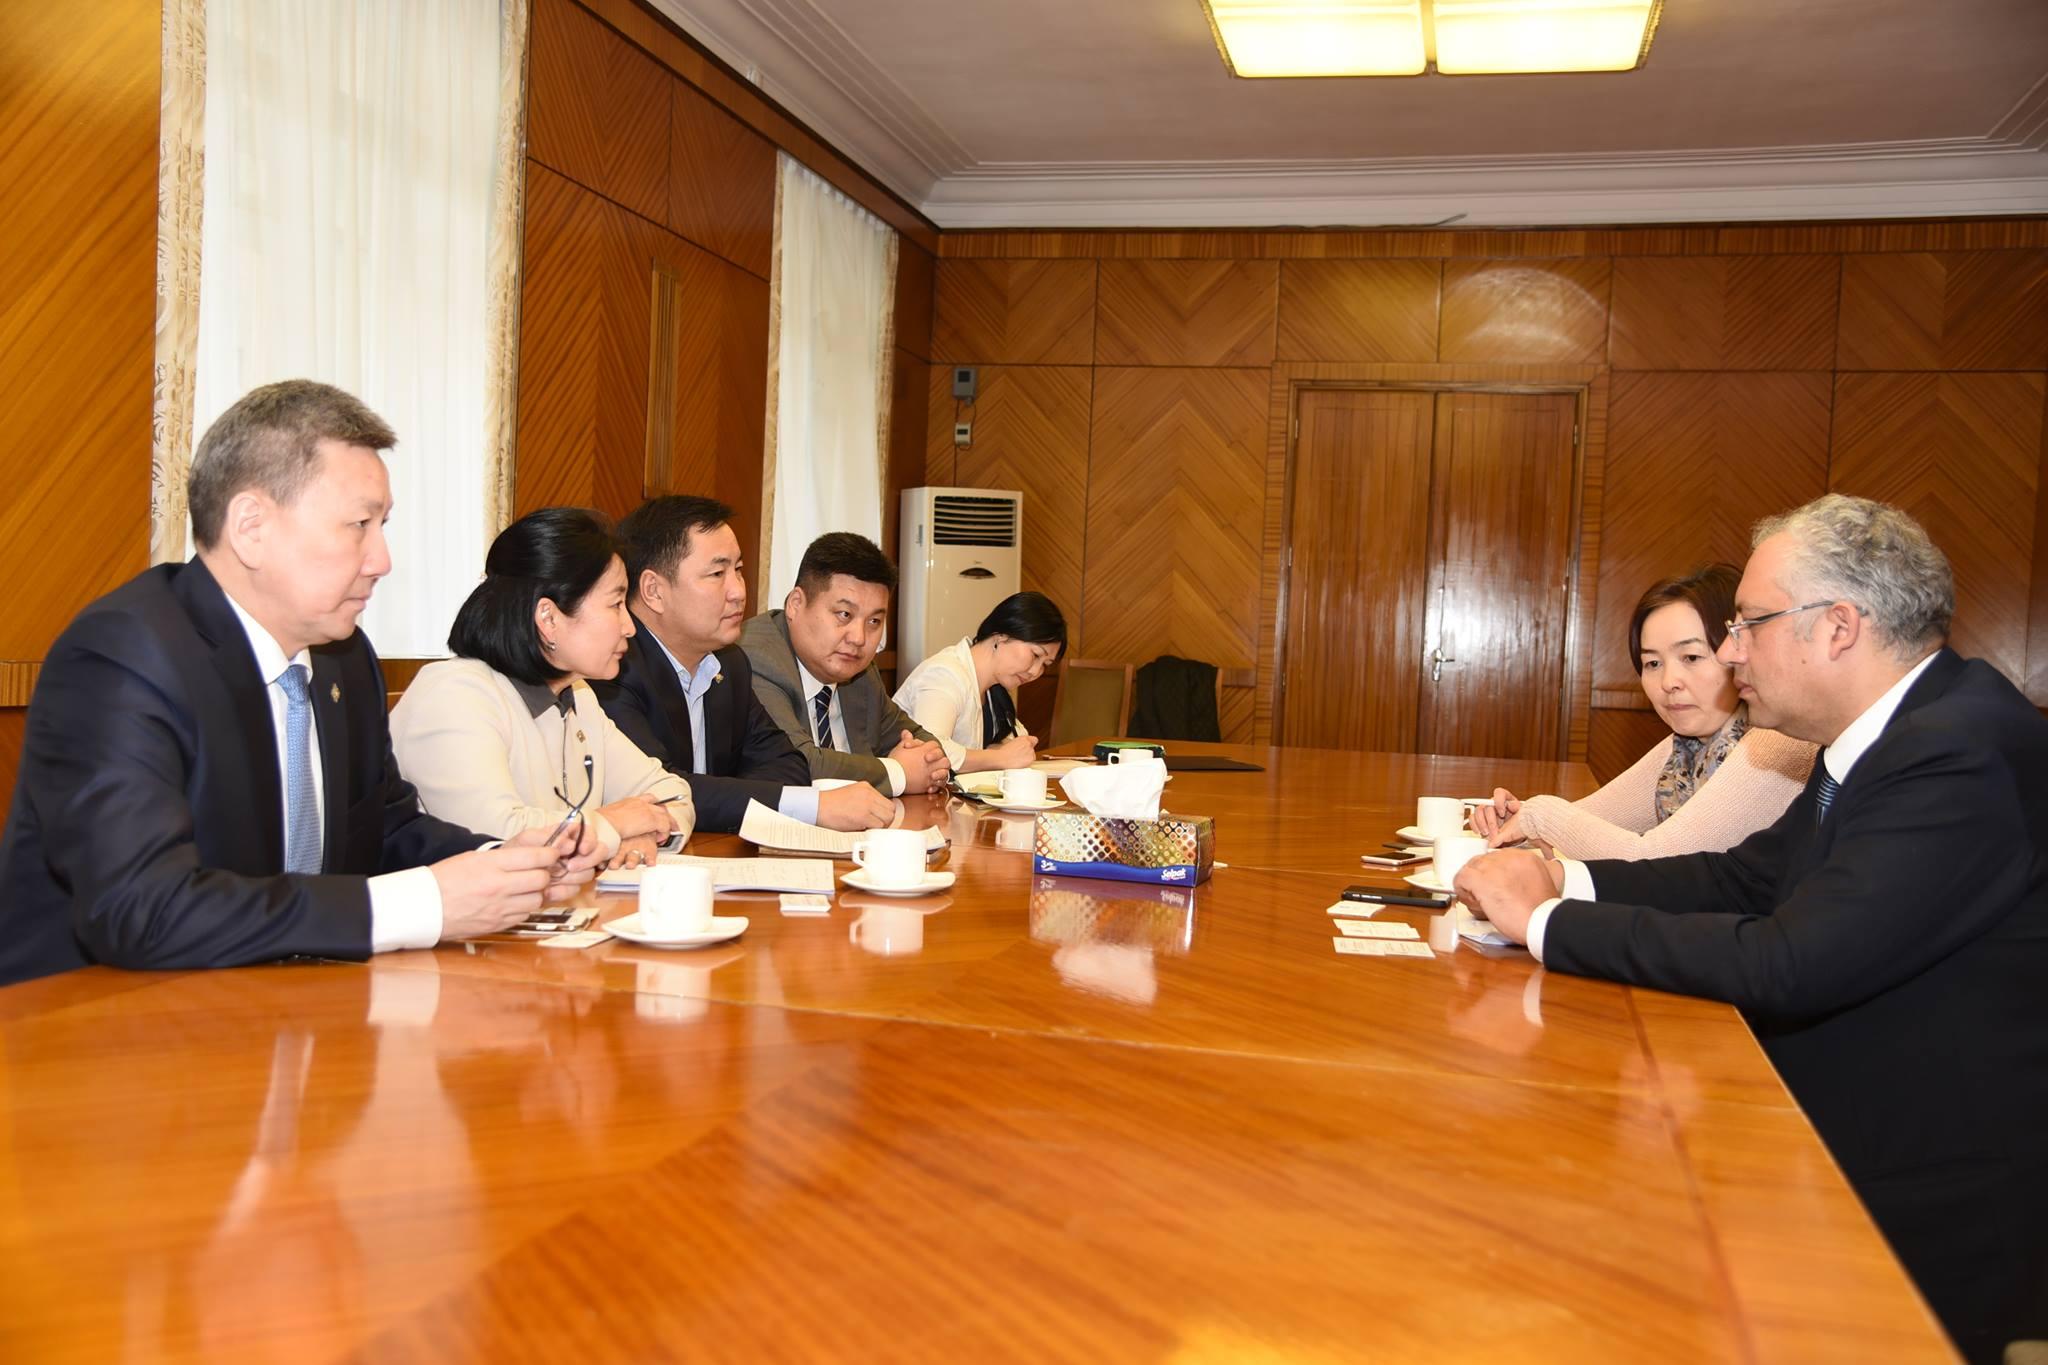 Ардчилсан намын бүлгийн гишүүд ОУВС-ийн Монгол дахь суурийн төлөөлөгчтэй уулзлаа